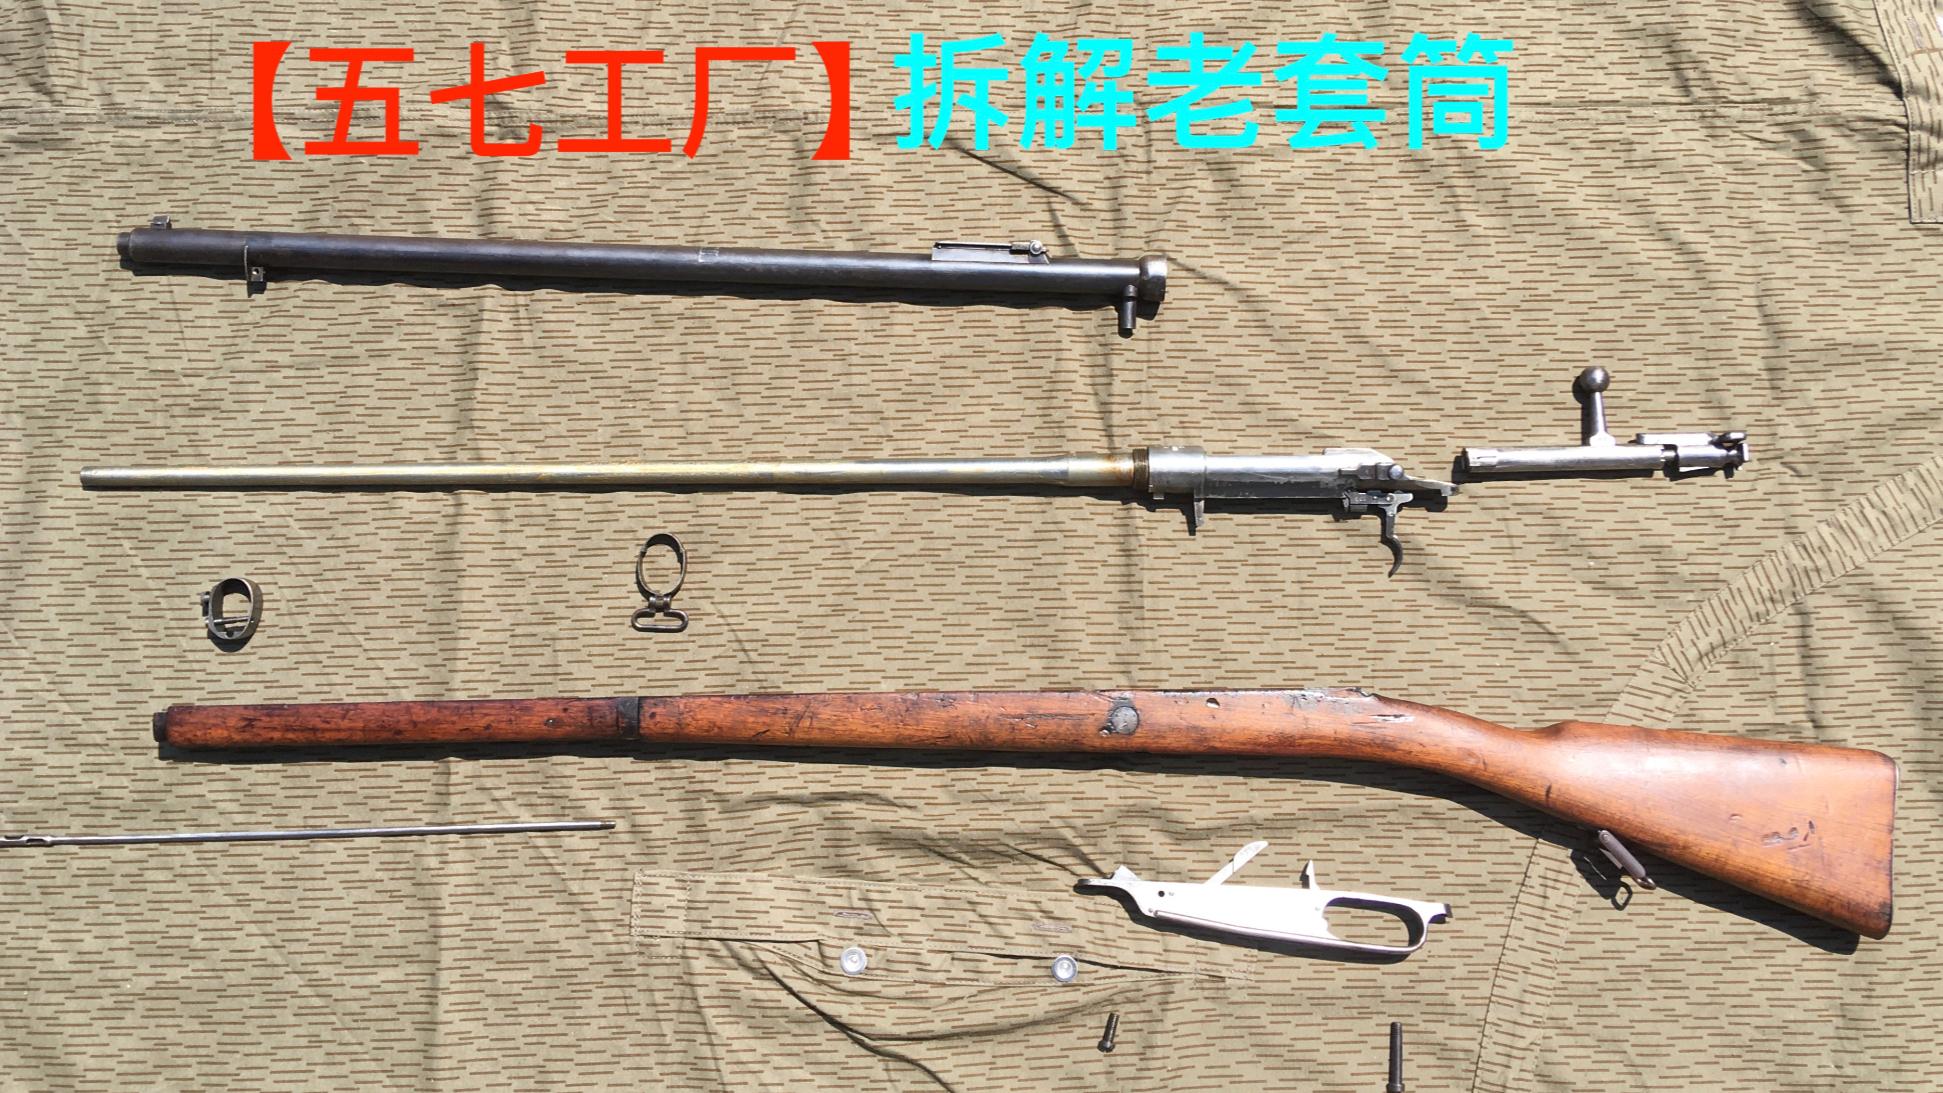 【五七工厂】中华第一枪 汉阳造/老套筒/委员会1888式步枪 (四)老套筒的拆解